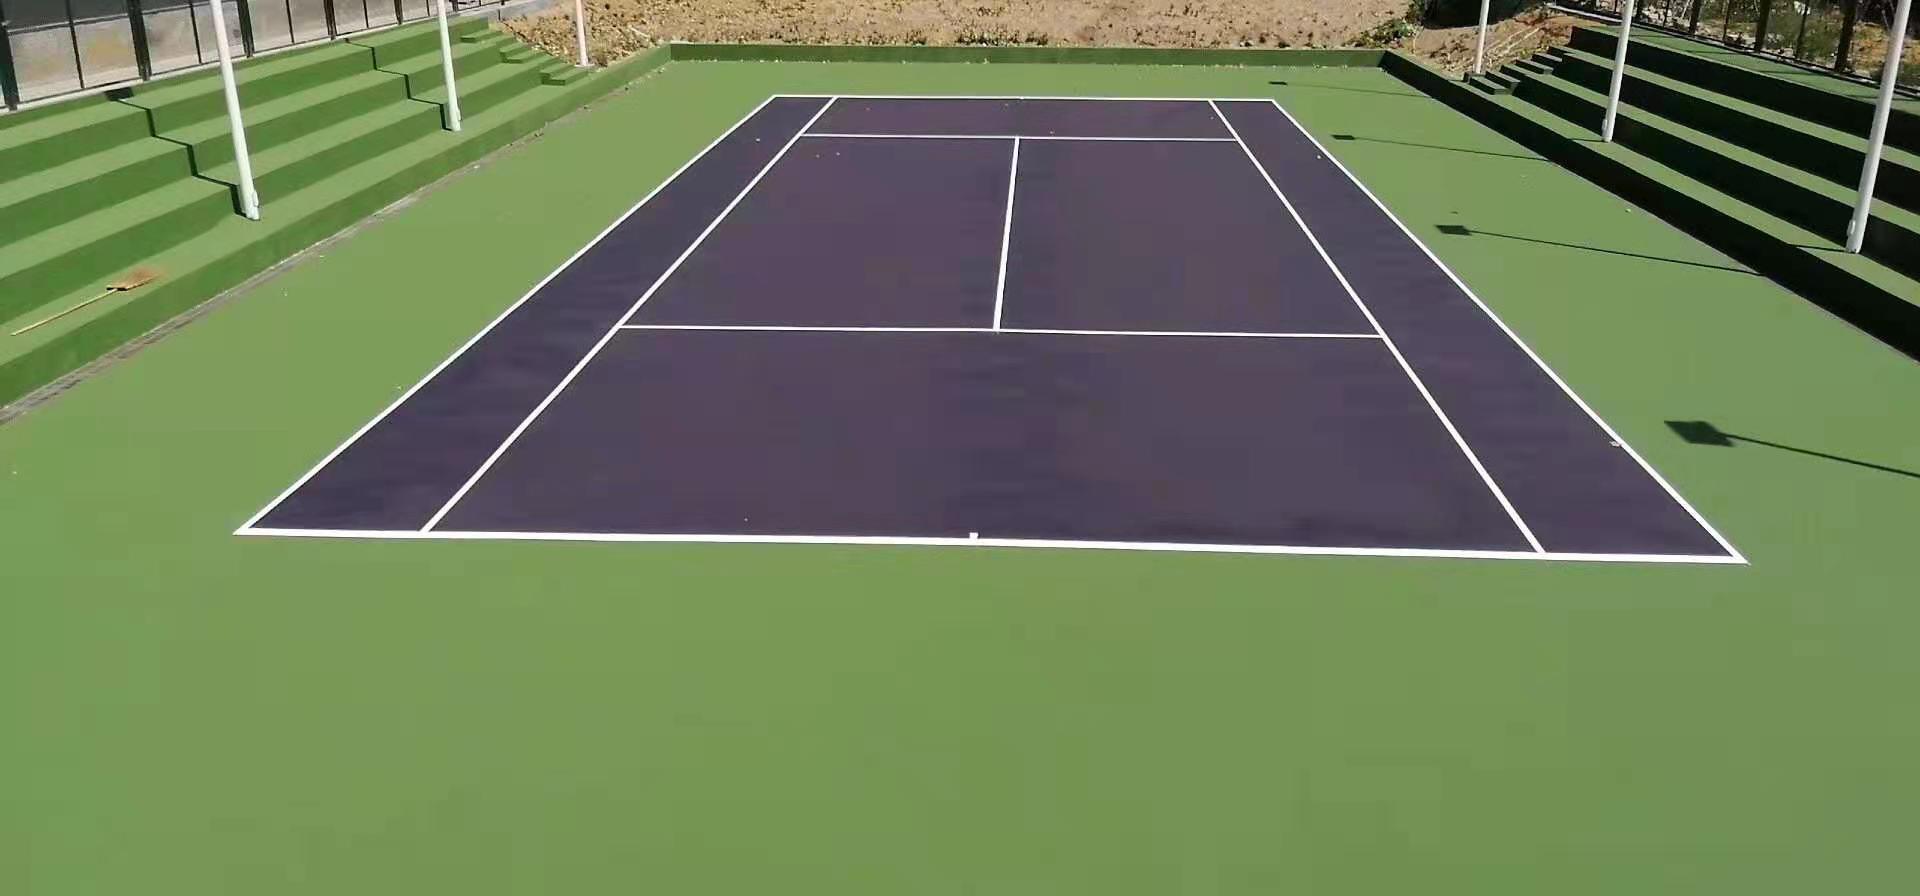 丙烯酸网球场建设